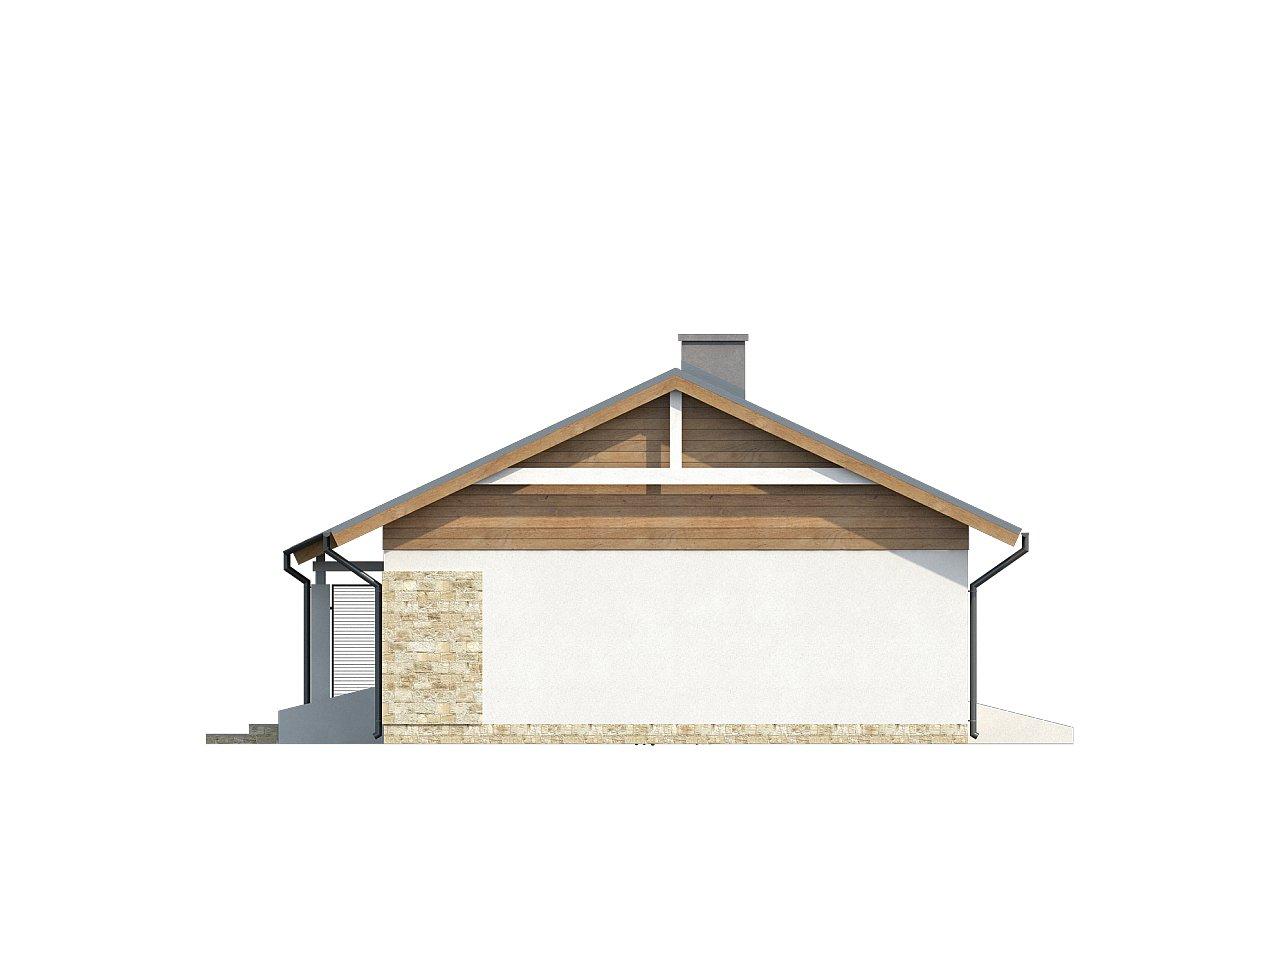 Аккуратный небольшой одноэтажный дом простой конструкции с кухней со стороны сада. 14